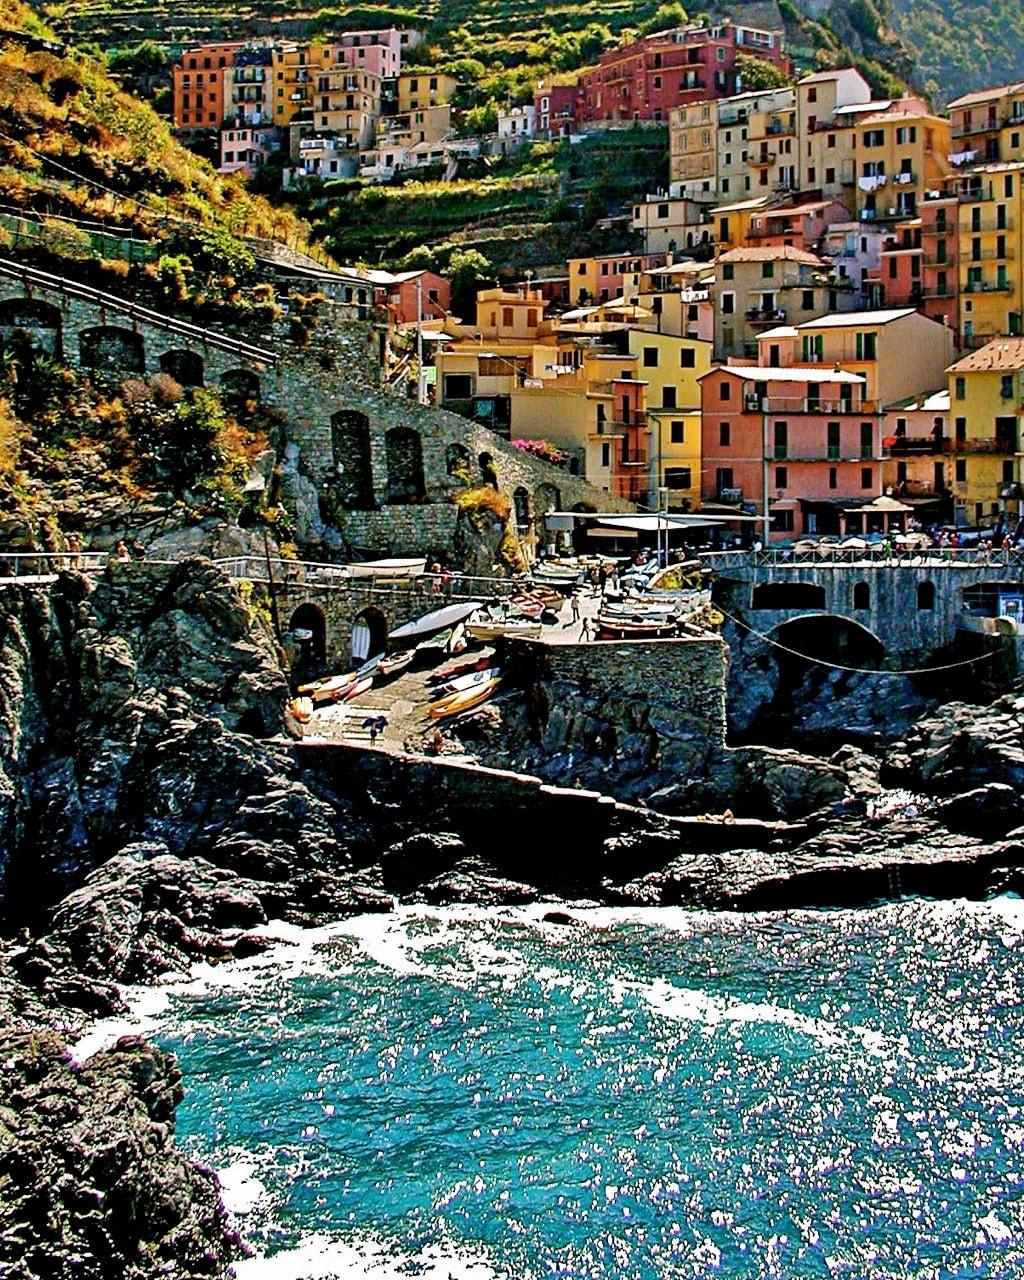 Italy Home Decor: Italian Home Decor Cinque Terre Colorful Print By VitaNostra